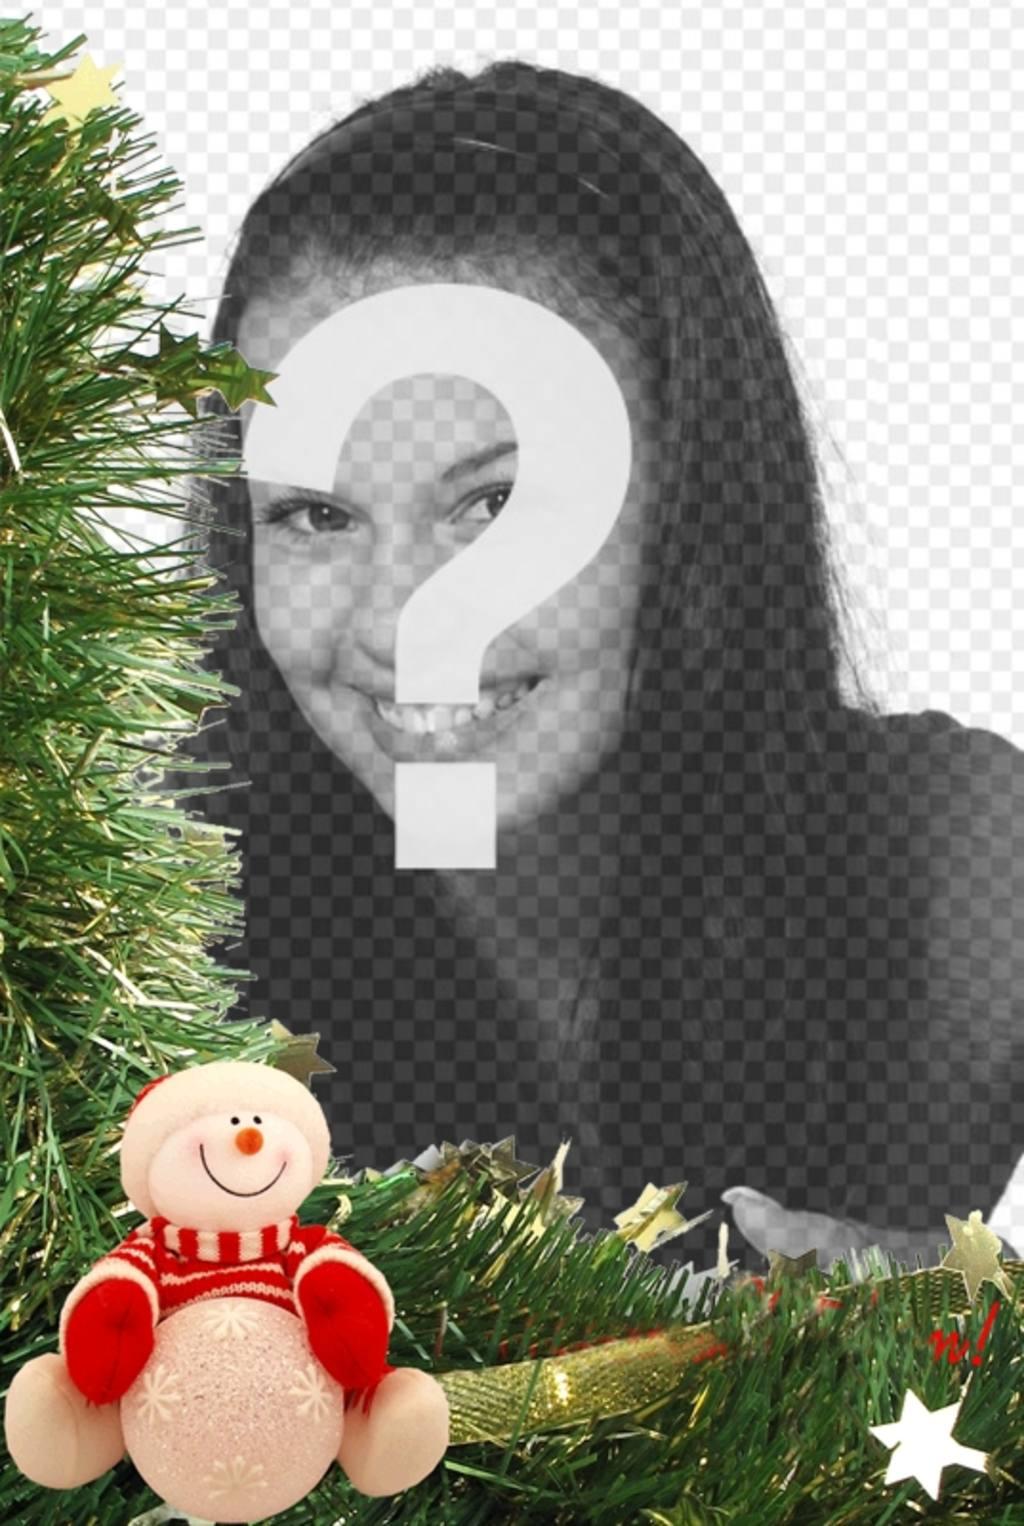 Tarjeta de Navidad con adornos y muñeco de nieve para poner tu foto